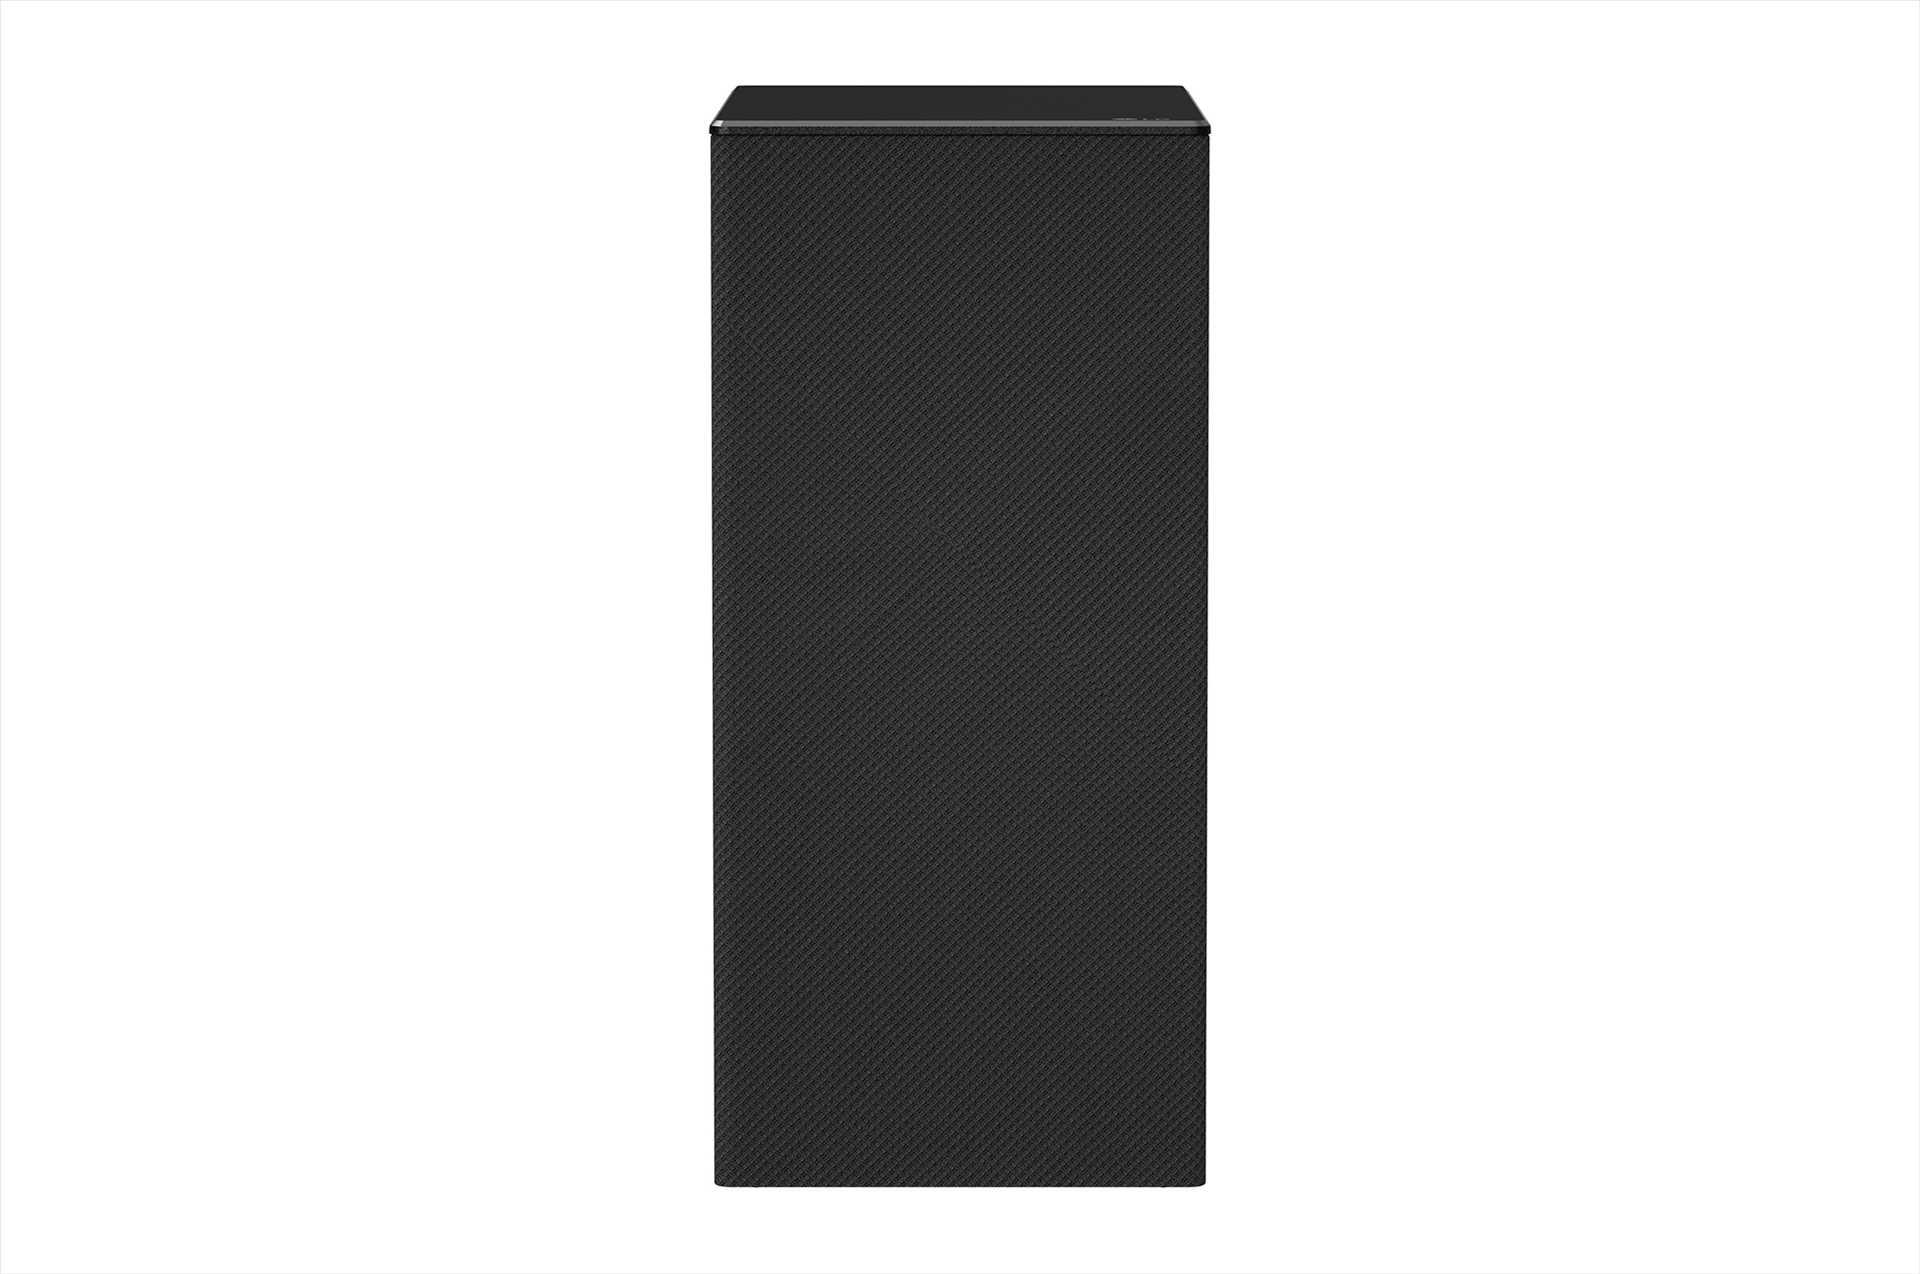 מקרן קול 400 וואט LG SN5Y DTS Virtual X אל ג'י - תמונה 5